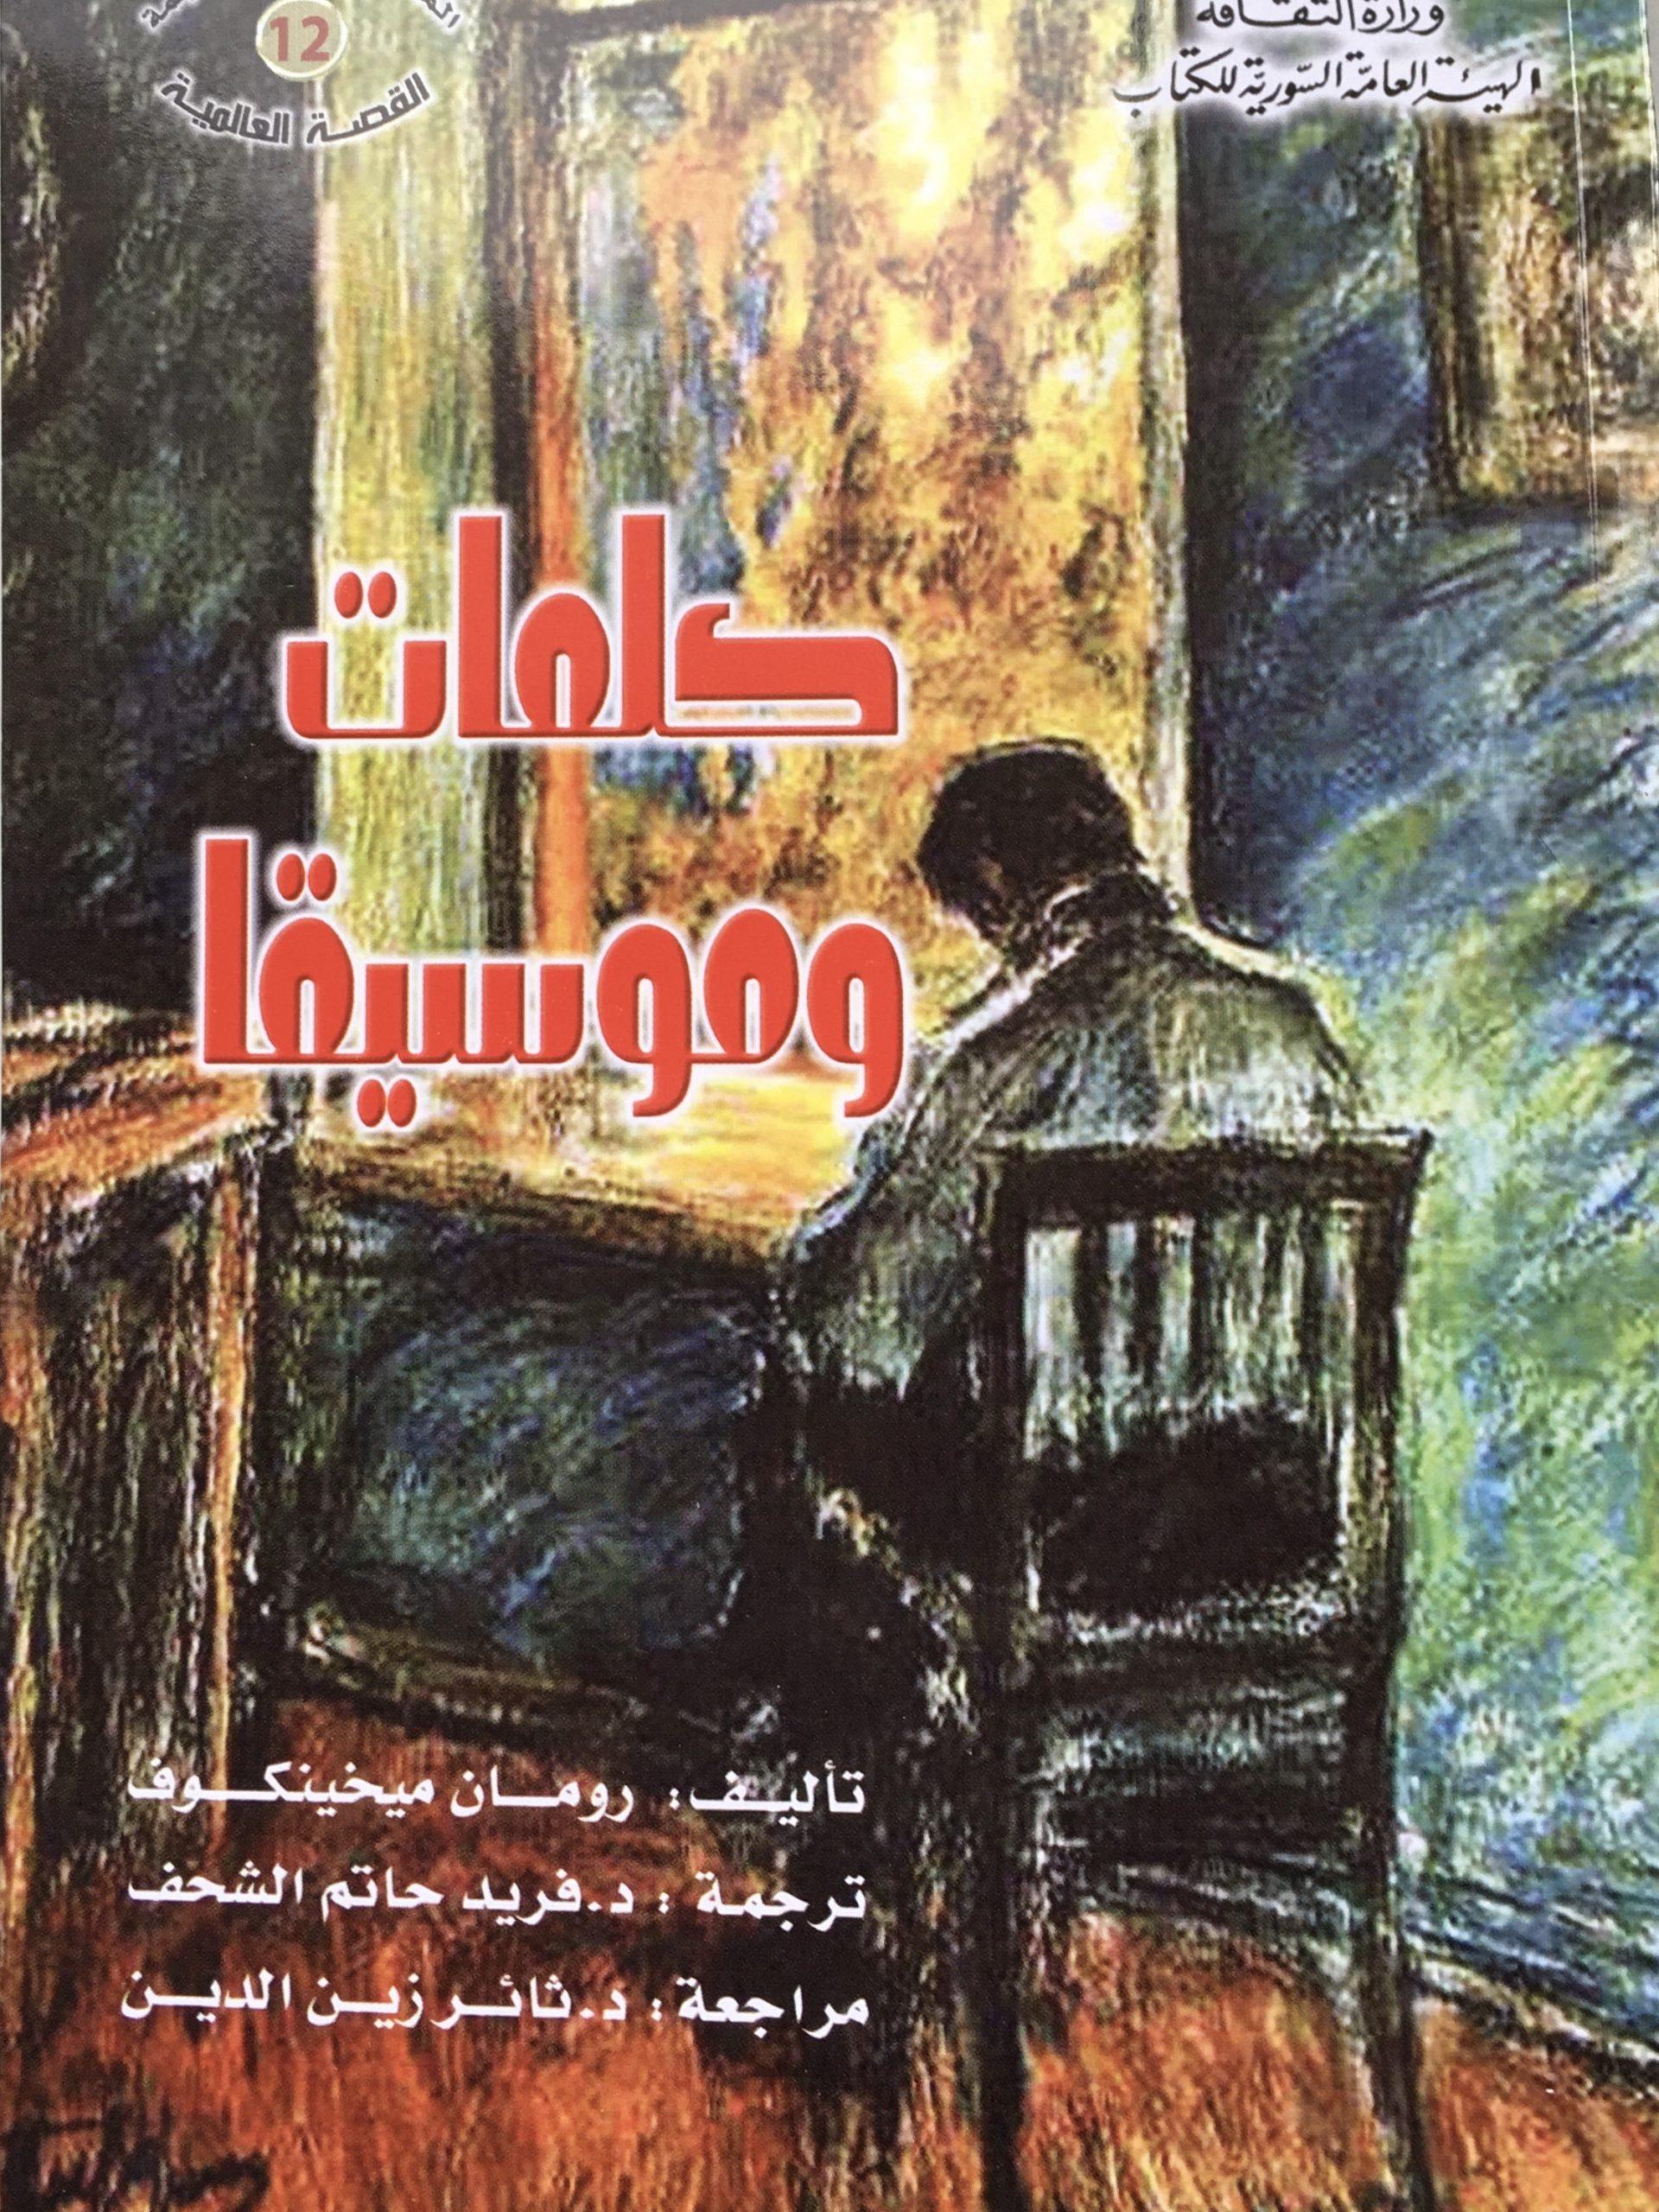 «Слова и музыка» — сборник рассказов в переводе на арабский. Переводчик Саир Зайнетдин.